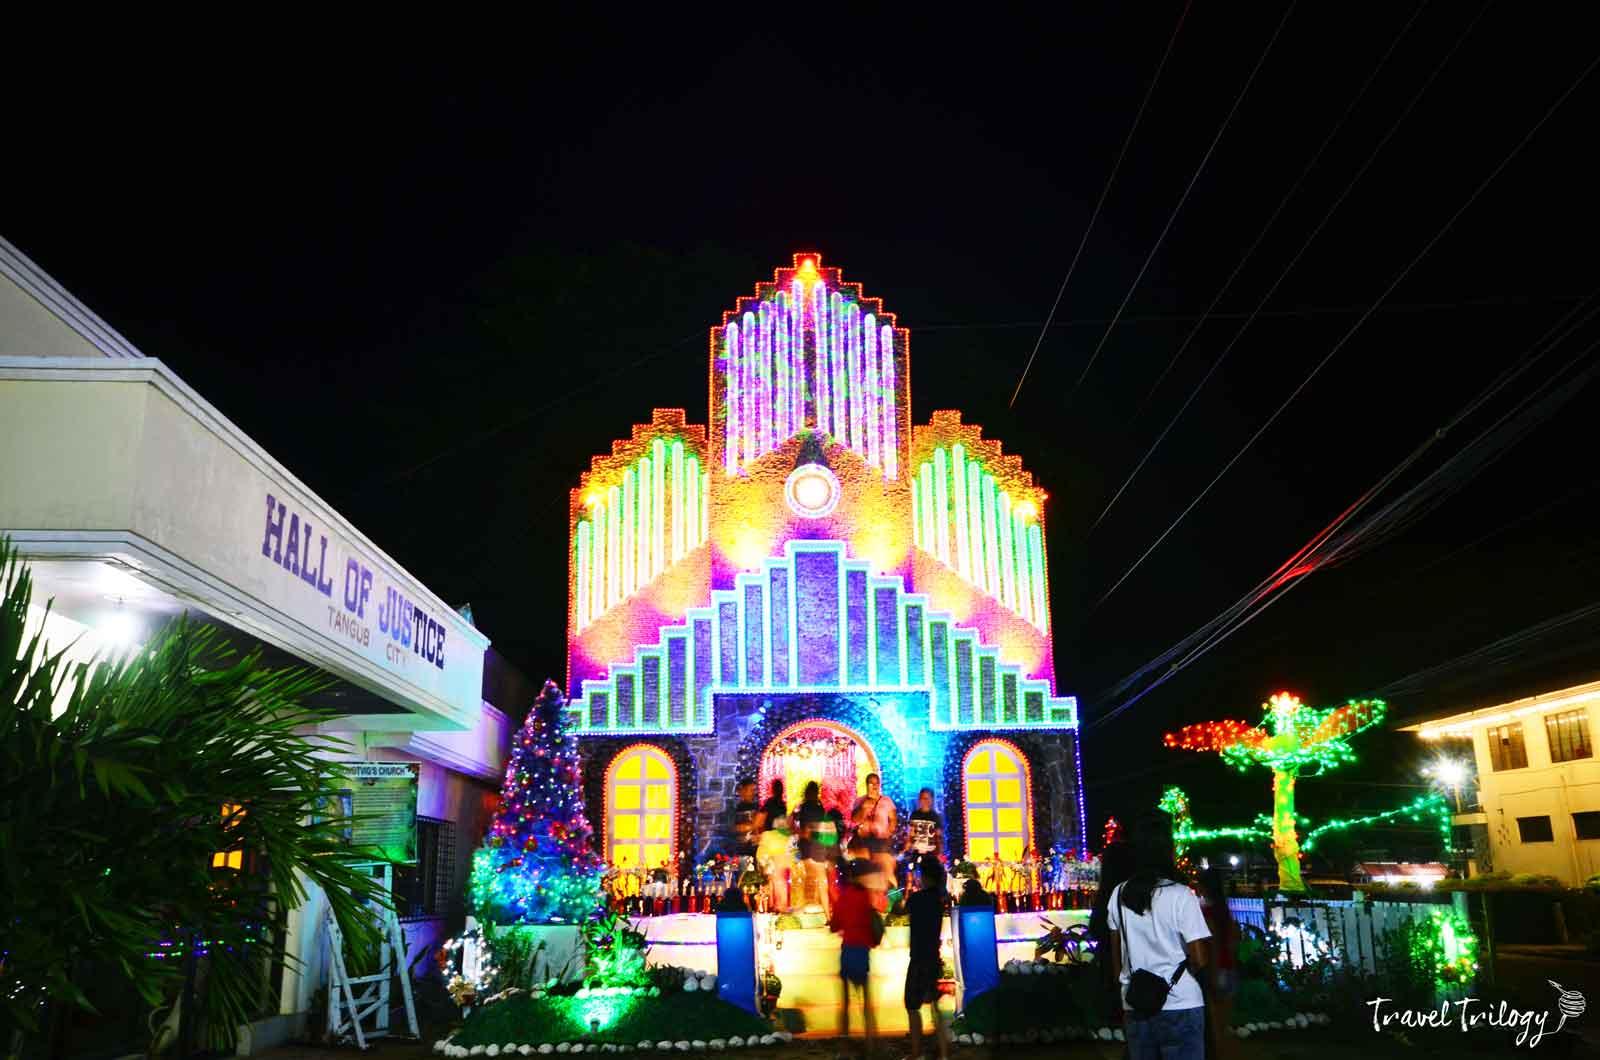 tangub christmas symbols festival